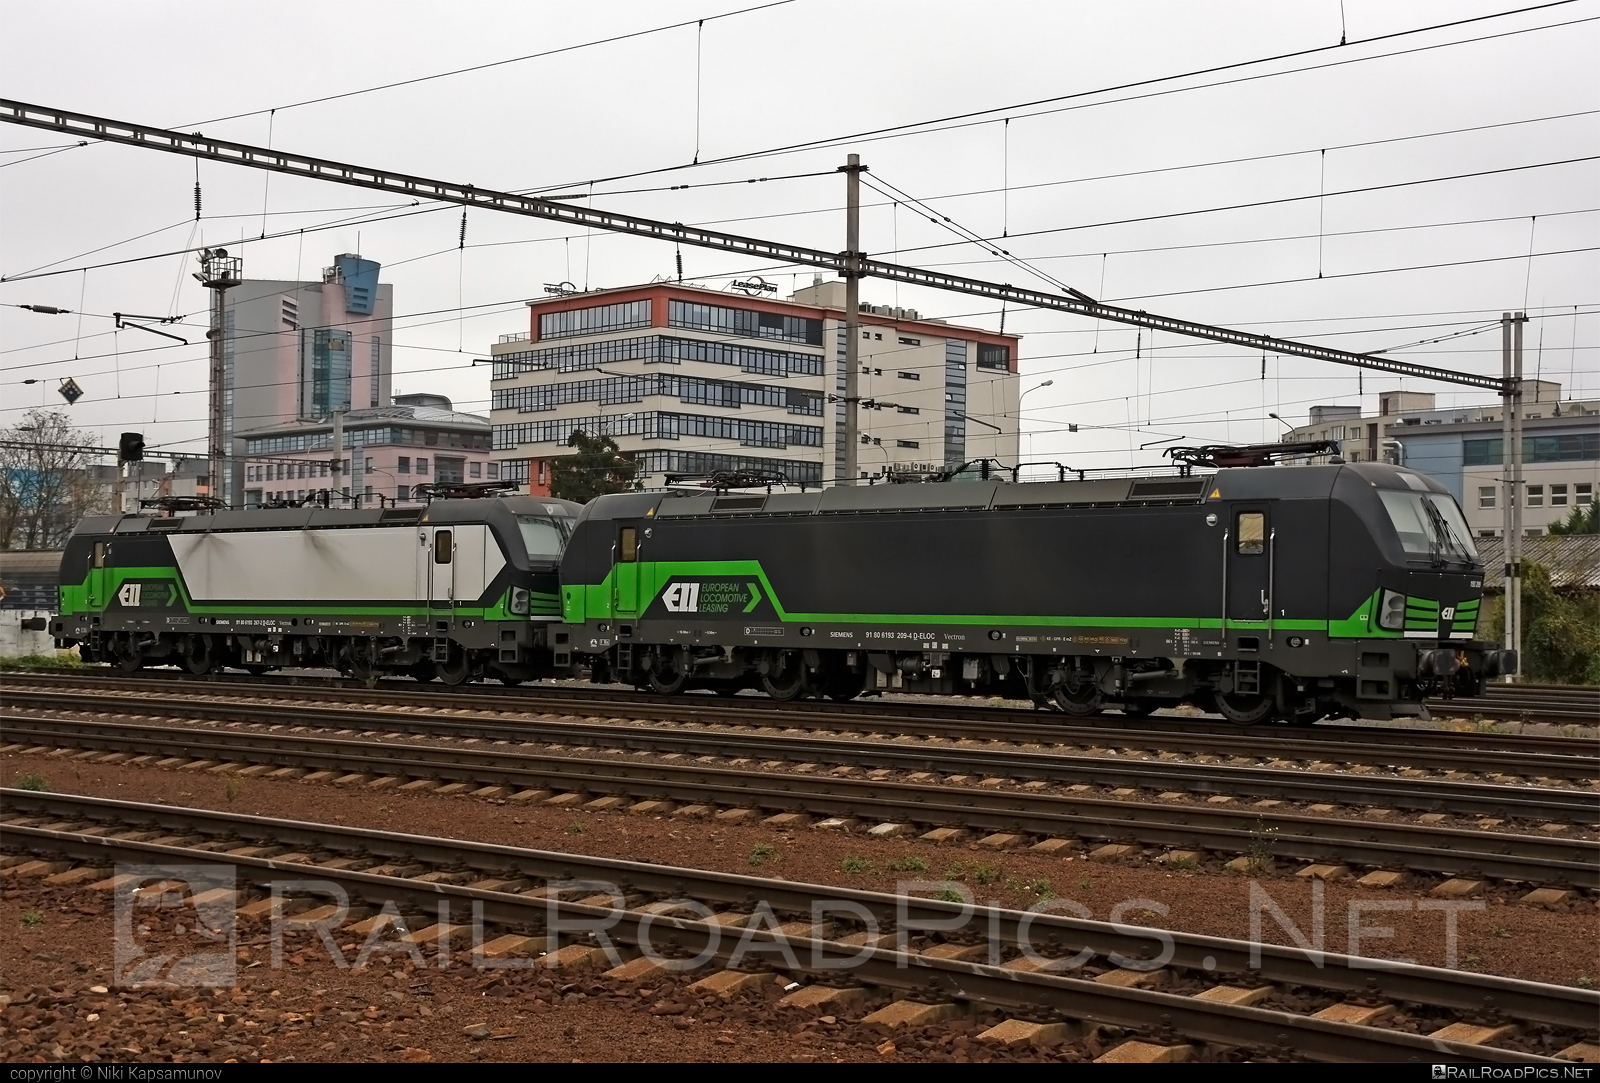 Siemens Vectron AC - 193 209 operated by Salzburger Eisenbahn Transportlogistik GmbH #SalzburgerEisenbahnTransportlogistik #SalzburgerEisenbahnTransportlogistikGmbH #ell #ellgermany #eloc #europeanlocomotiveleasing #setg #siemens #siemensvectron #siemensvectronac #vectron #vectronac